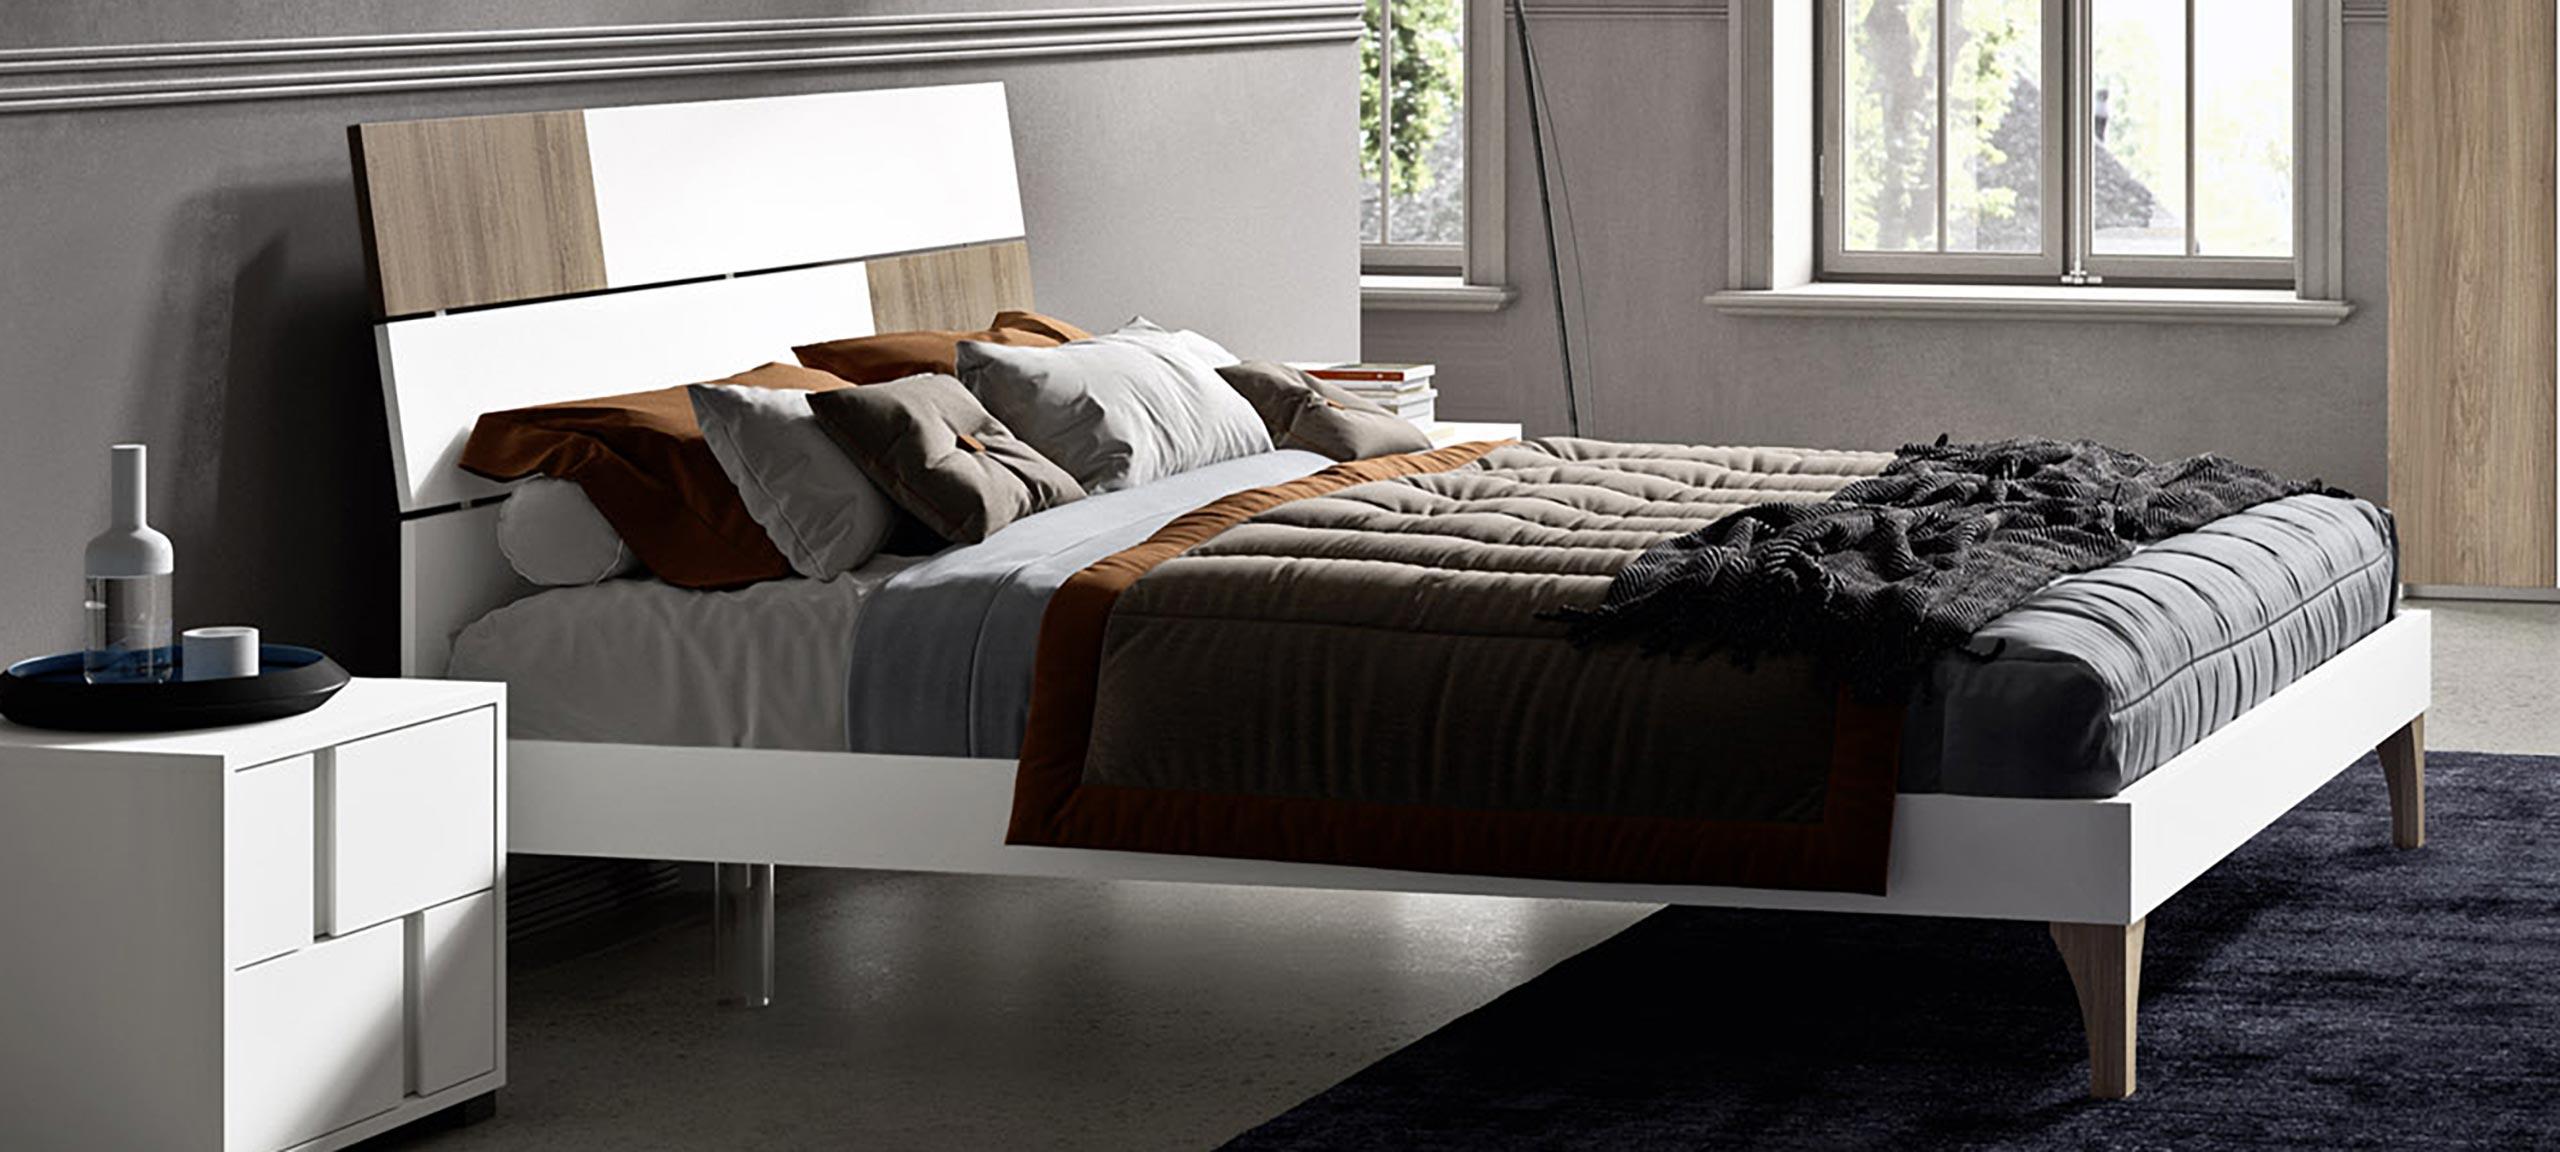 TAG - Letto matrimoniale legno dal design moderno | MAB Home ...